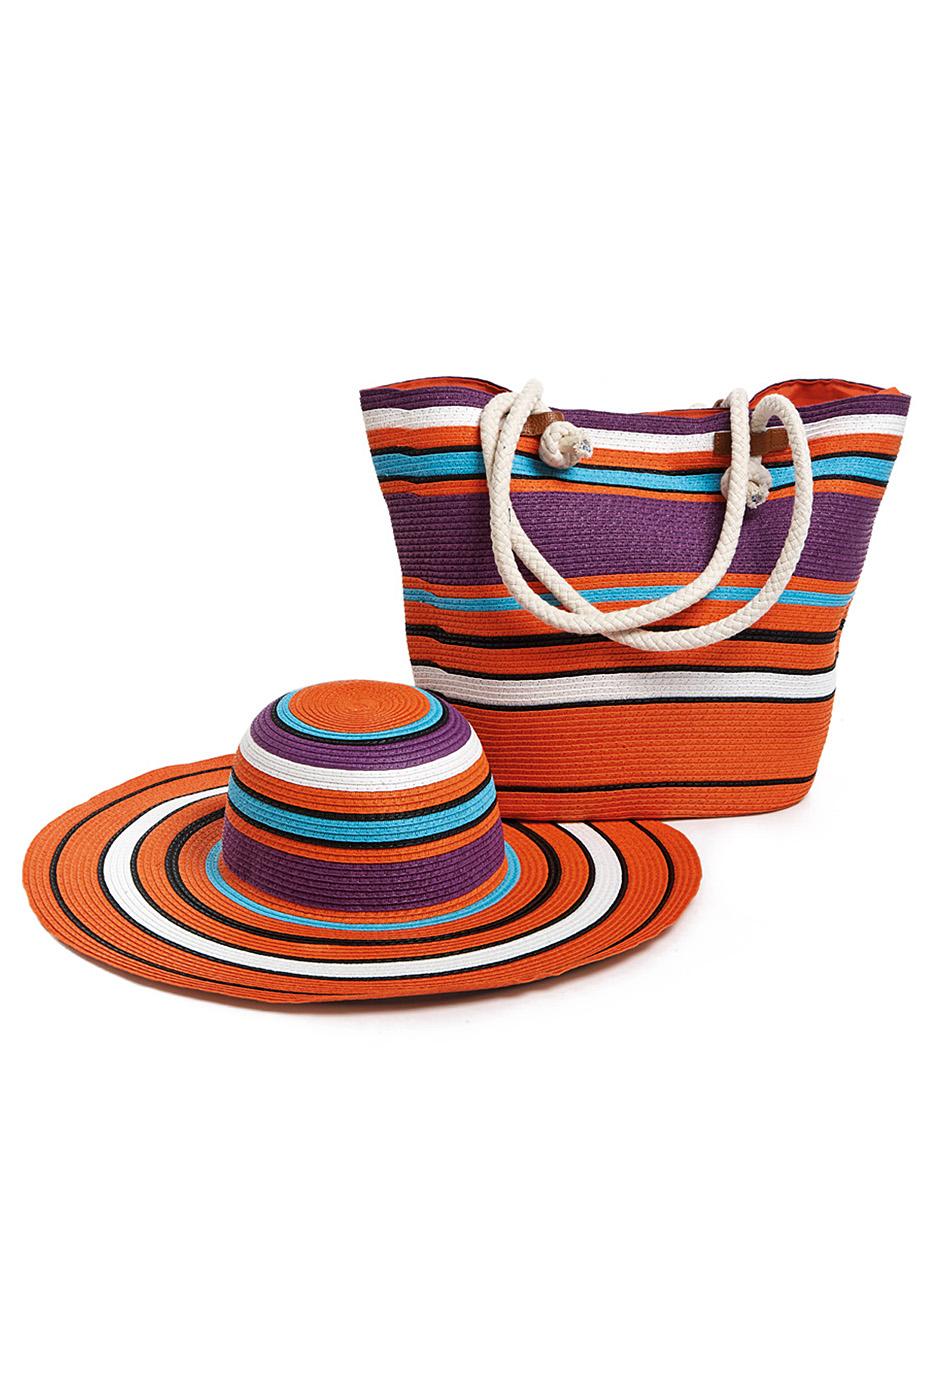 Комплект Moltini: сумка, шляпа, цвет: оранжевый, фиолетовый. 15V0173-47670-00504Оригинальный пляжный комплект Moltini, состоящий из сумки и шляпы, выполнен из плотного текстиля. Комплект выполнен в едином стиле и оформлен контрастными оттенками.Сумка состоит из одного вместительного отделения и закрывается на магнитную кнопку. Внутри размещены два накладных кармана для телефона и мелочей и один вшитый карман на молнии. Оригинальная форма ручек и натуральные материалы делают эту сумку особенно удобной для ношения на плече.Шляпа с широкими полями надежно защитит волосы и лицо от ярких солнечных лучей. Шляпа выполнена в едином стиле с сумкой и достойно завершит комплект.Комплект Moltini идеально подойдет для похода на пляж, для загородной поездки.